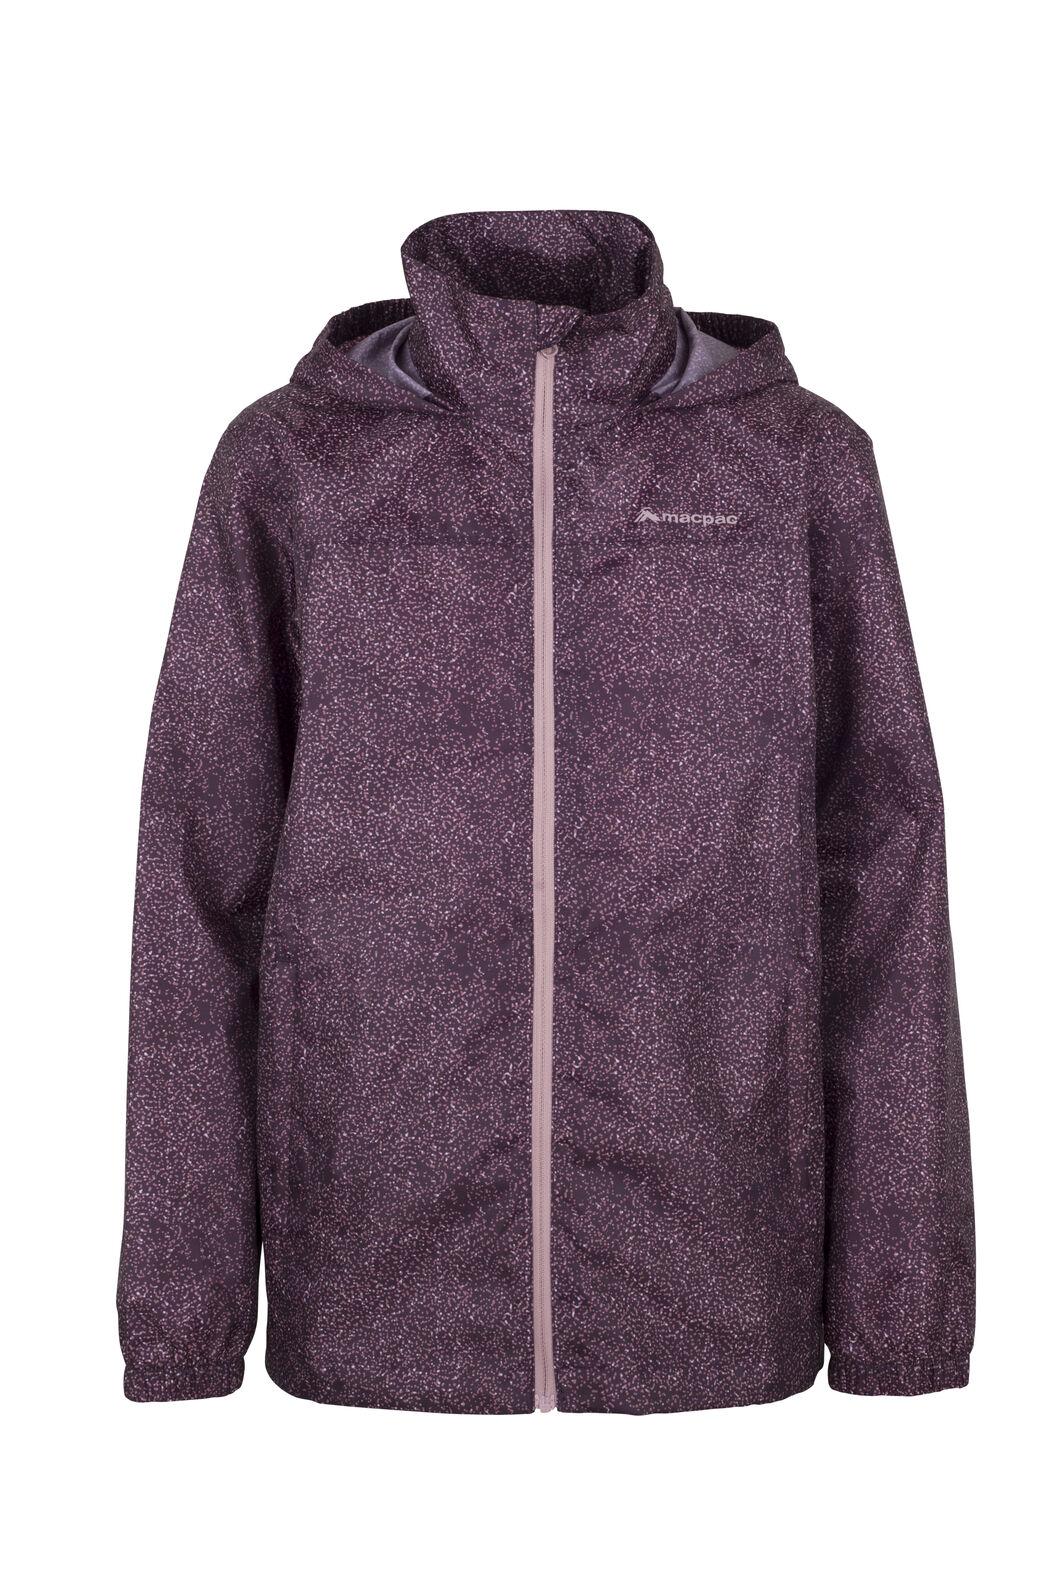 Macpac Pack-It-Jacket - Kids', Purple/Speckle, hi-res